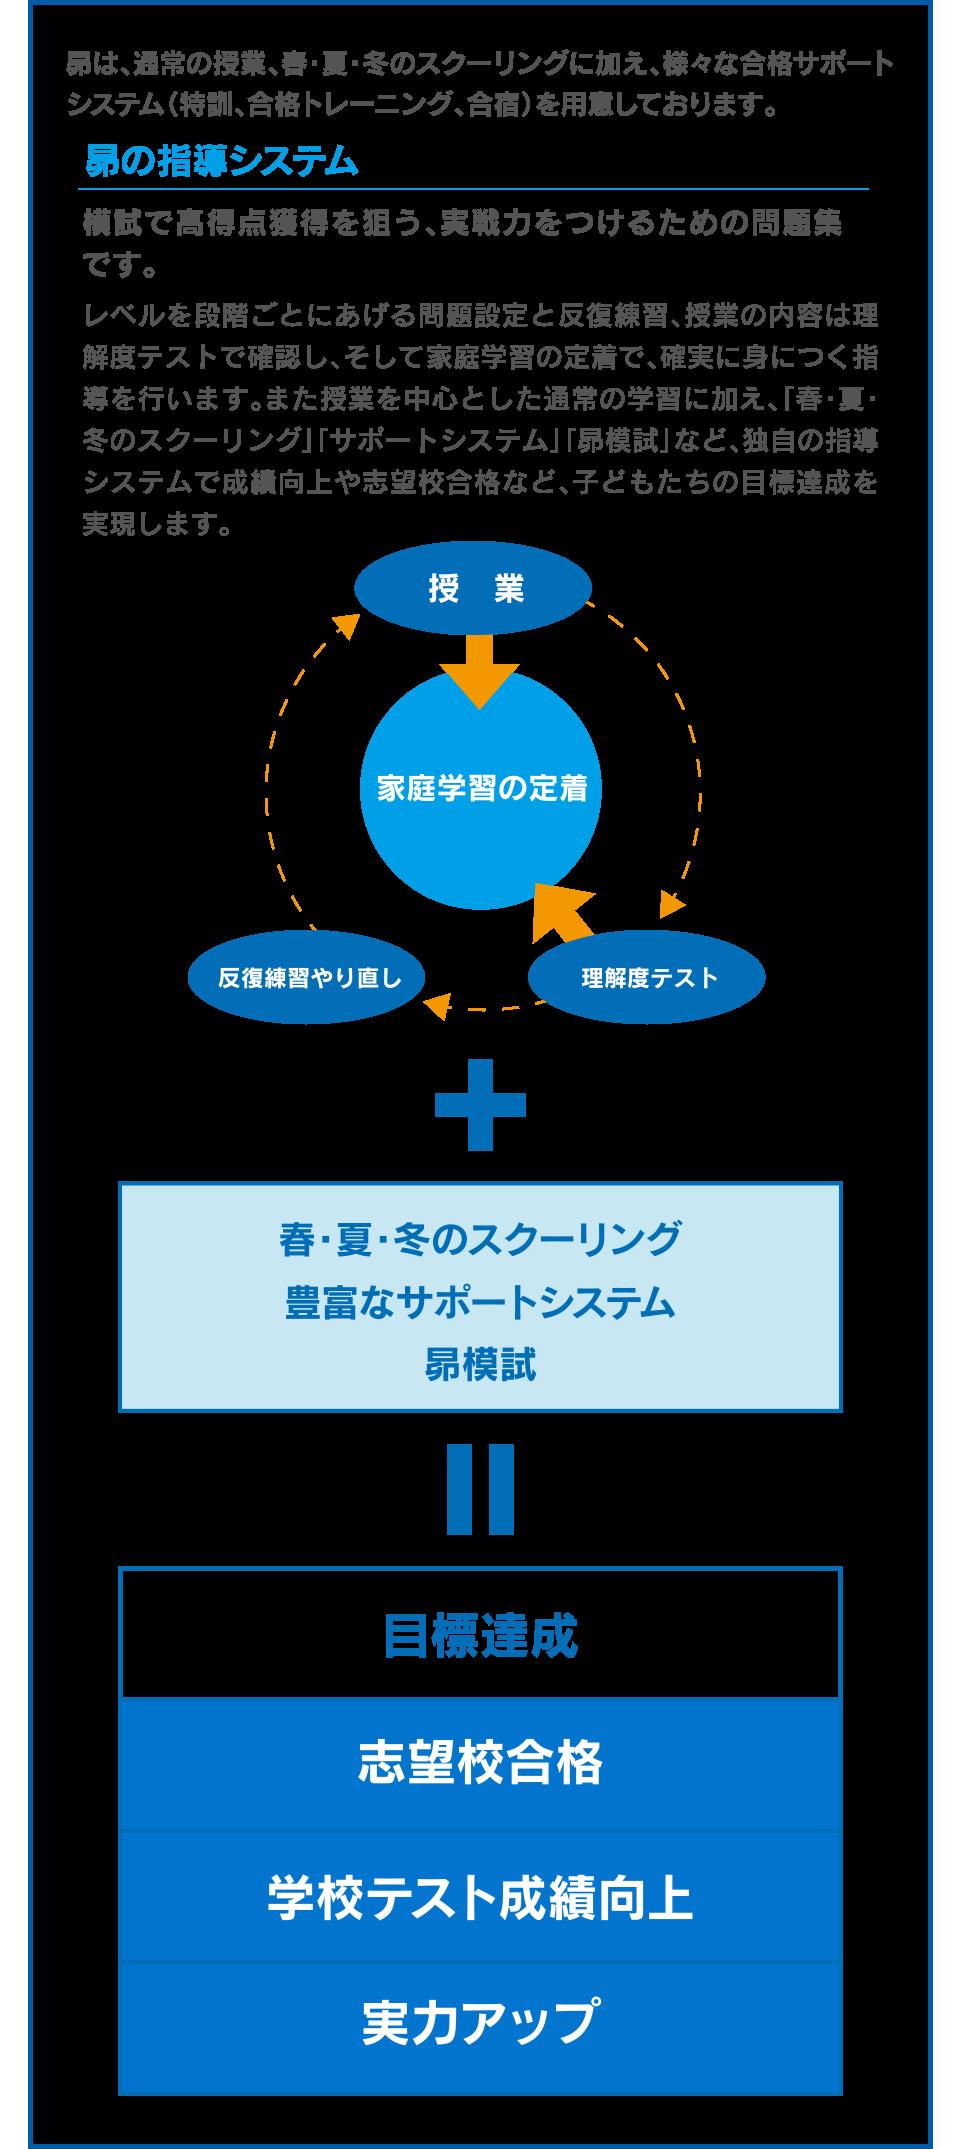 昴は、通常の授業、春・夏・冬のスクーリングに加え、様々な合格サポートシステム(特訓、合格トレーニング、合宿)を用意しております。